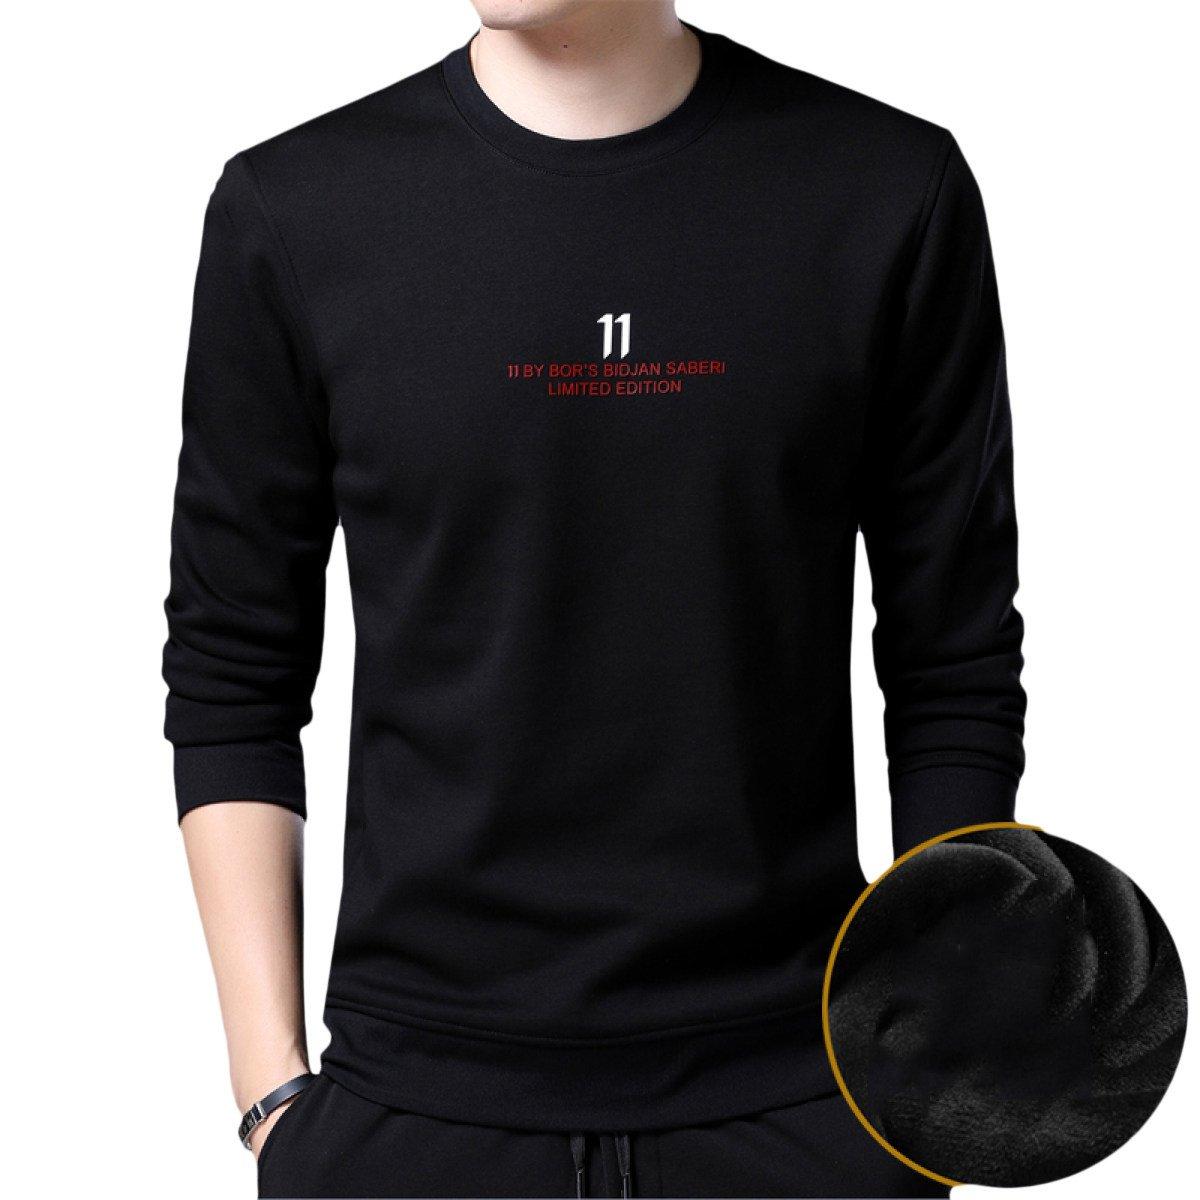 Männer Langarm-T-Shirt Herbst Und Winter Pullover Sweatshirts Rundhals Solid Farbe Winter Warme Pullover Plus Samt Primer Shirt